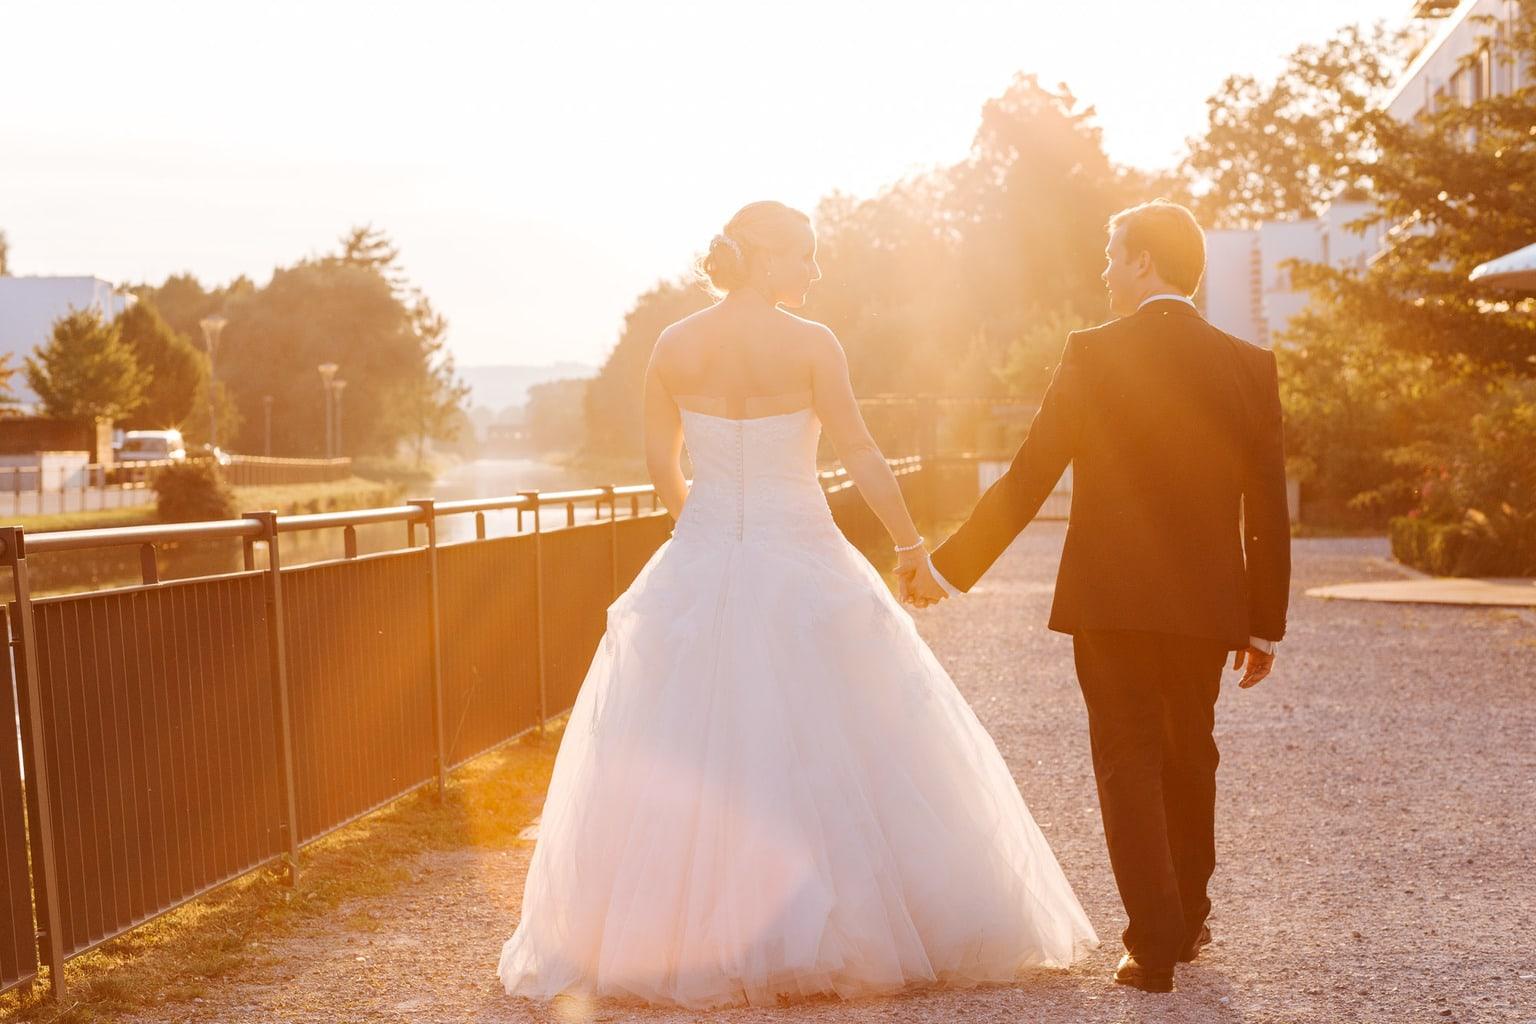 Hochzeitsfotograf Markus Baumann Lichtbetont - Ingolstadt - Eichstätt, Neuburg, Fotograf München, Fotografie Augsburg - Hochzeitsfotos - Portfolio0183